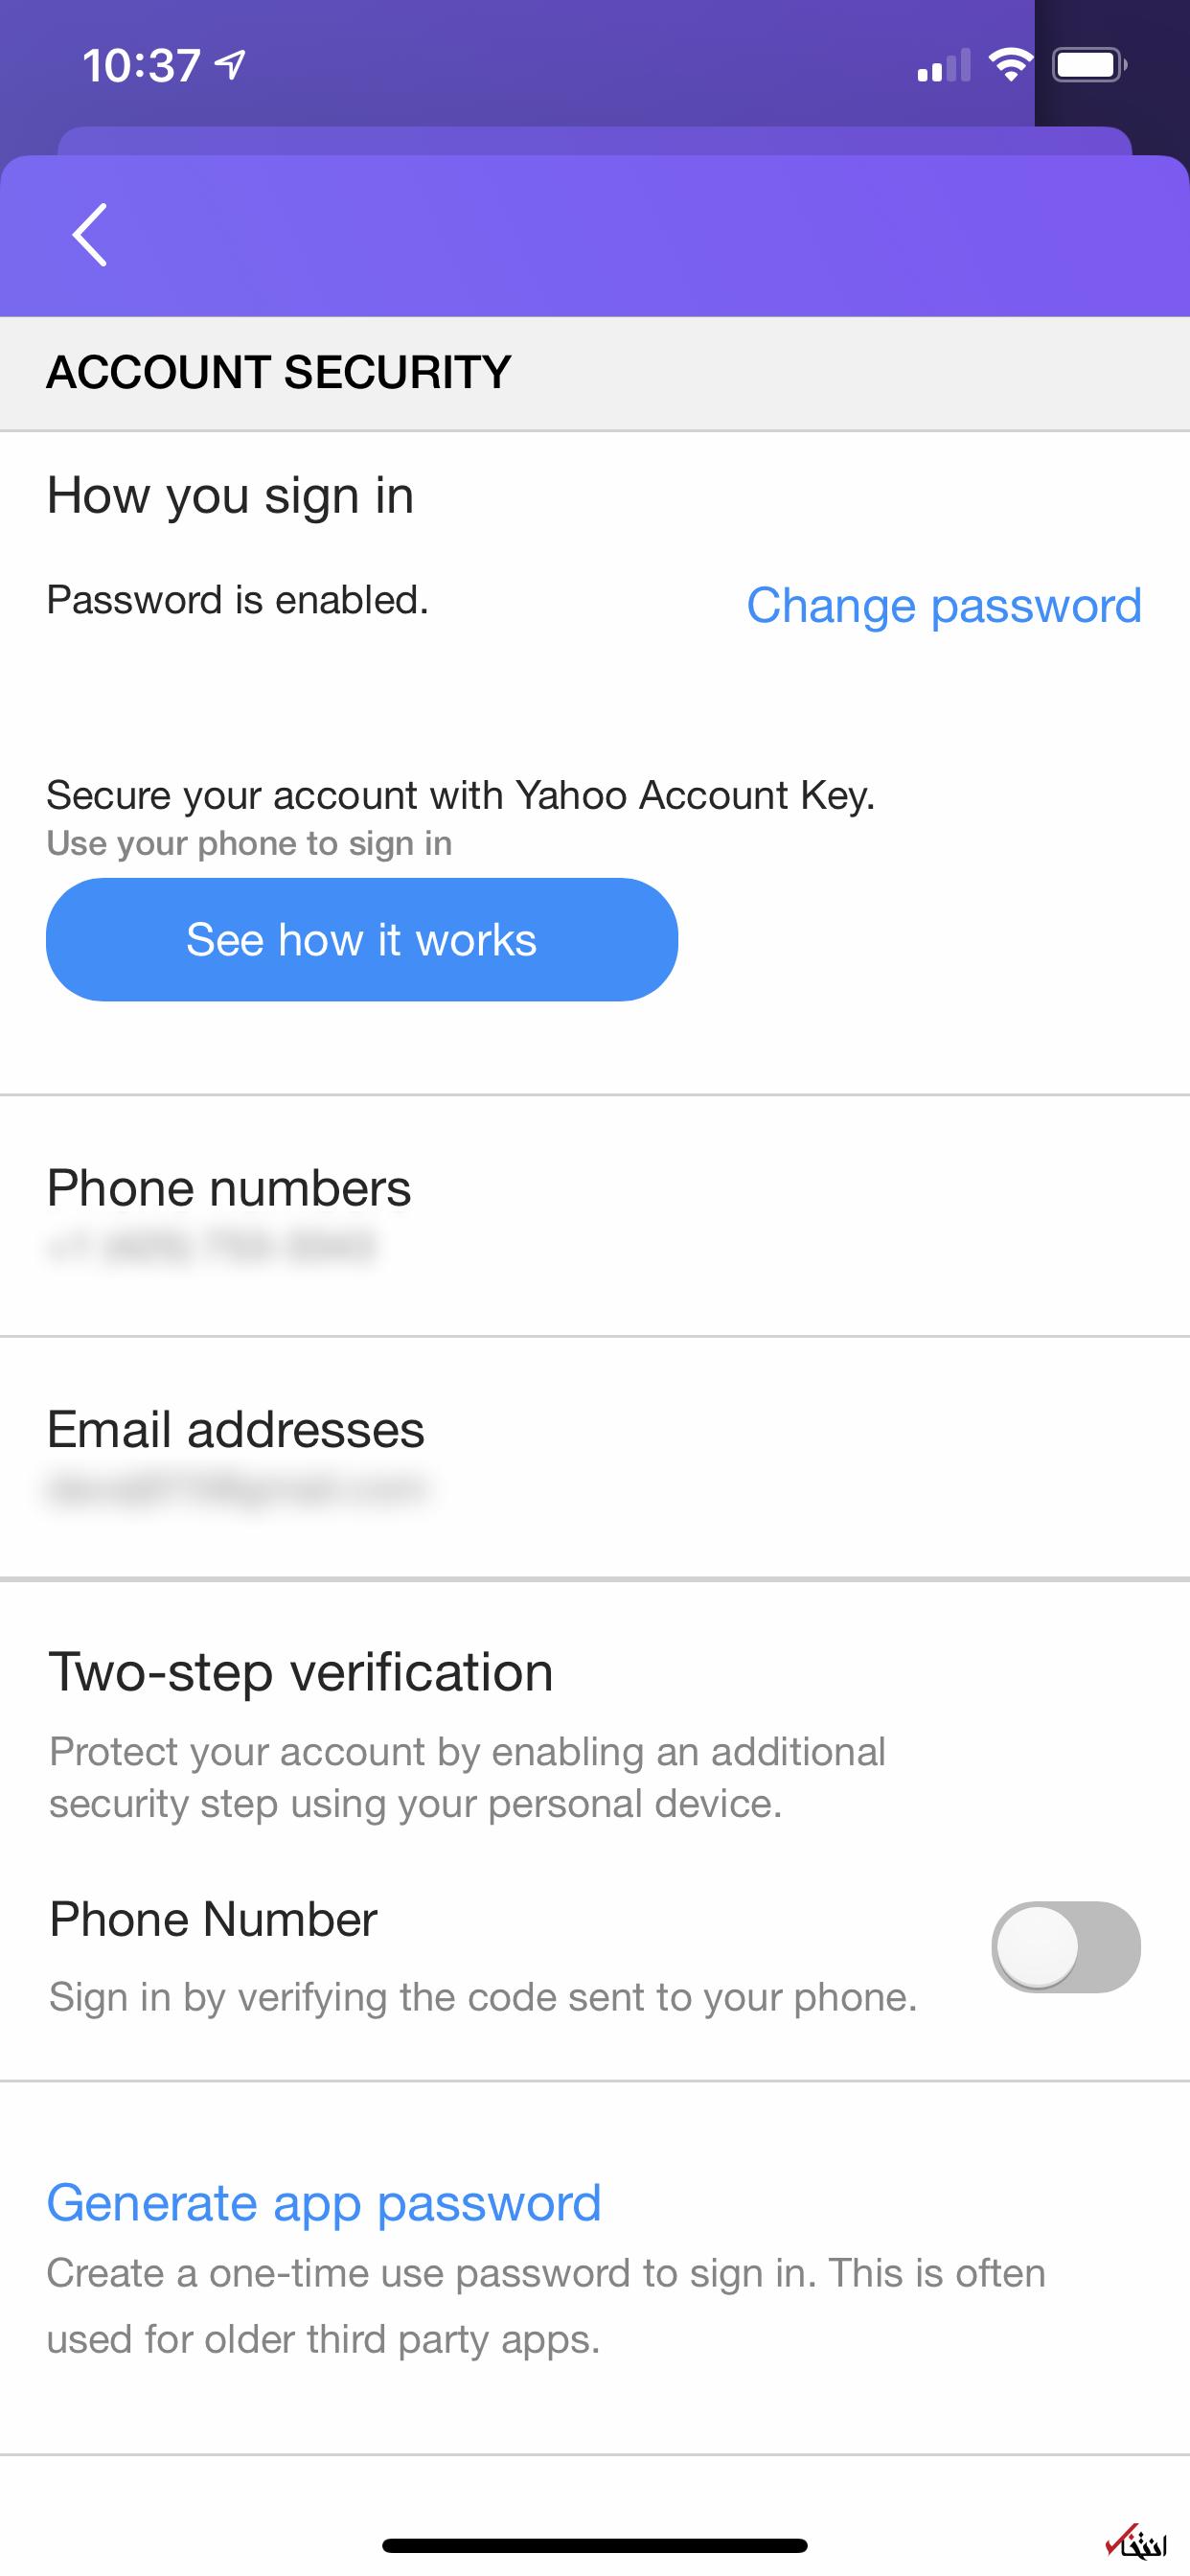 چگونه رمز ورود یاهو میل خود را تغییر دهیم؟